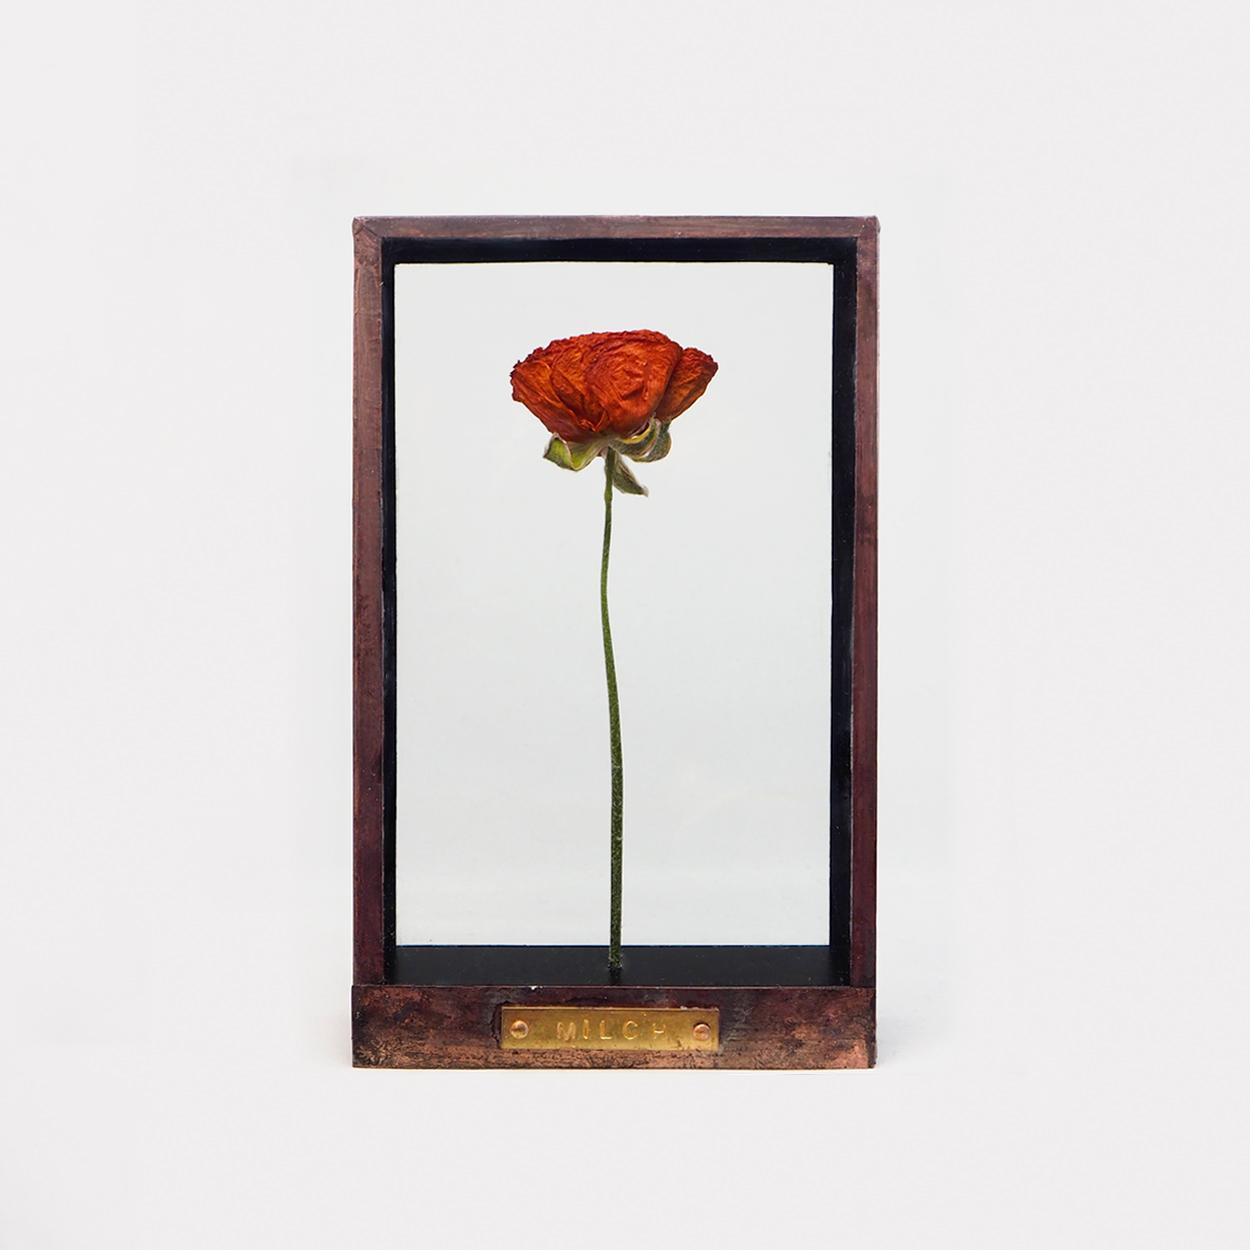 Botanical Frame D02 - Copper